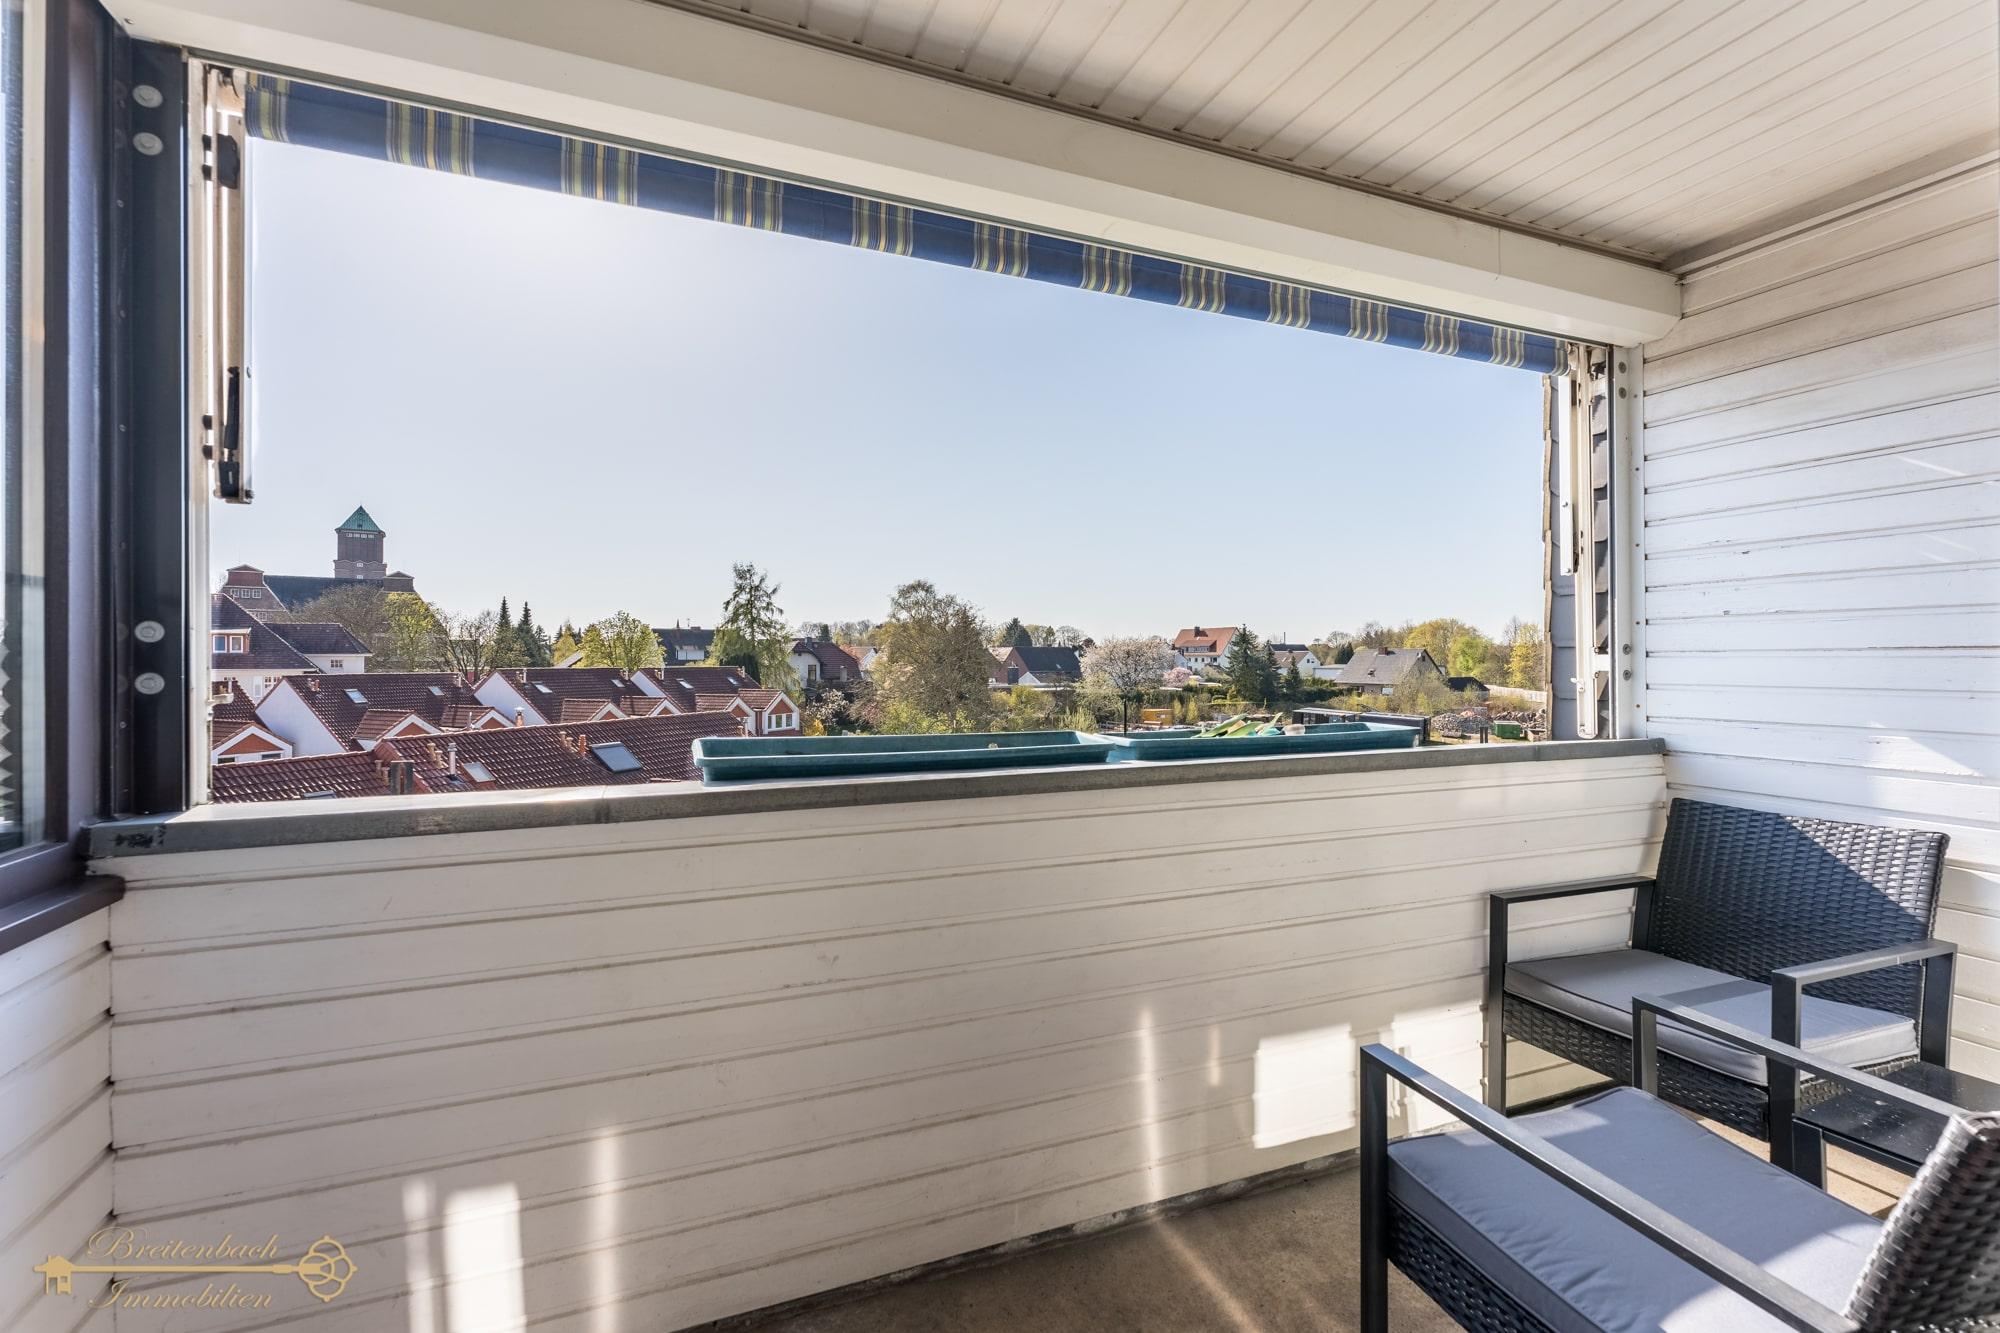 2021-04-20-Breitenbach-Immobilien-Makler-Bremen-12-min